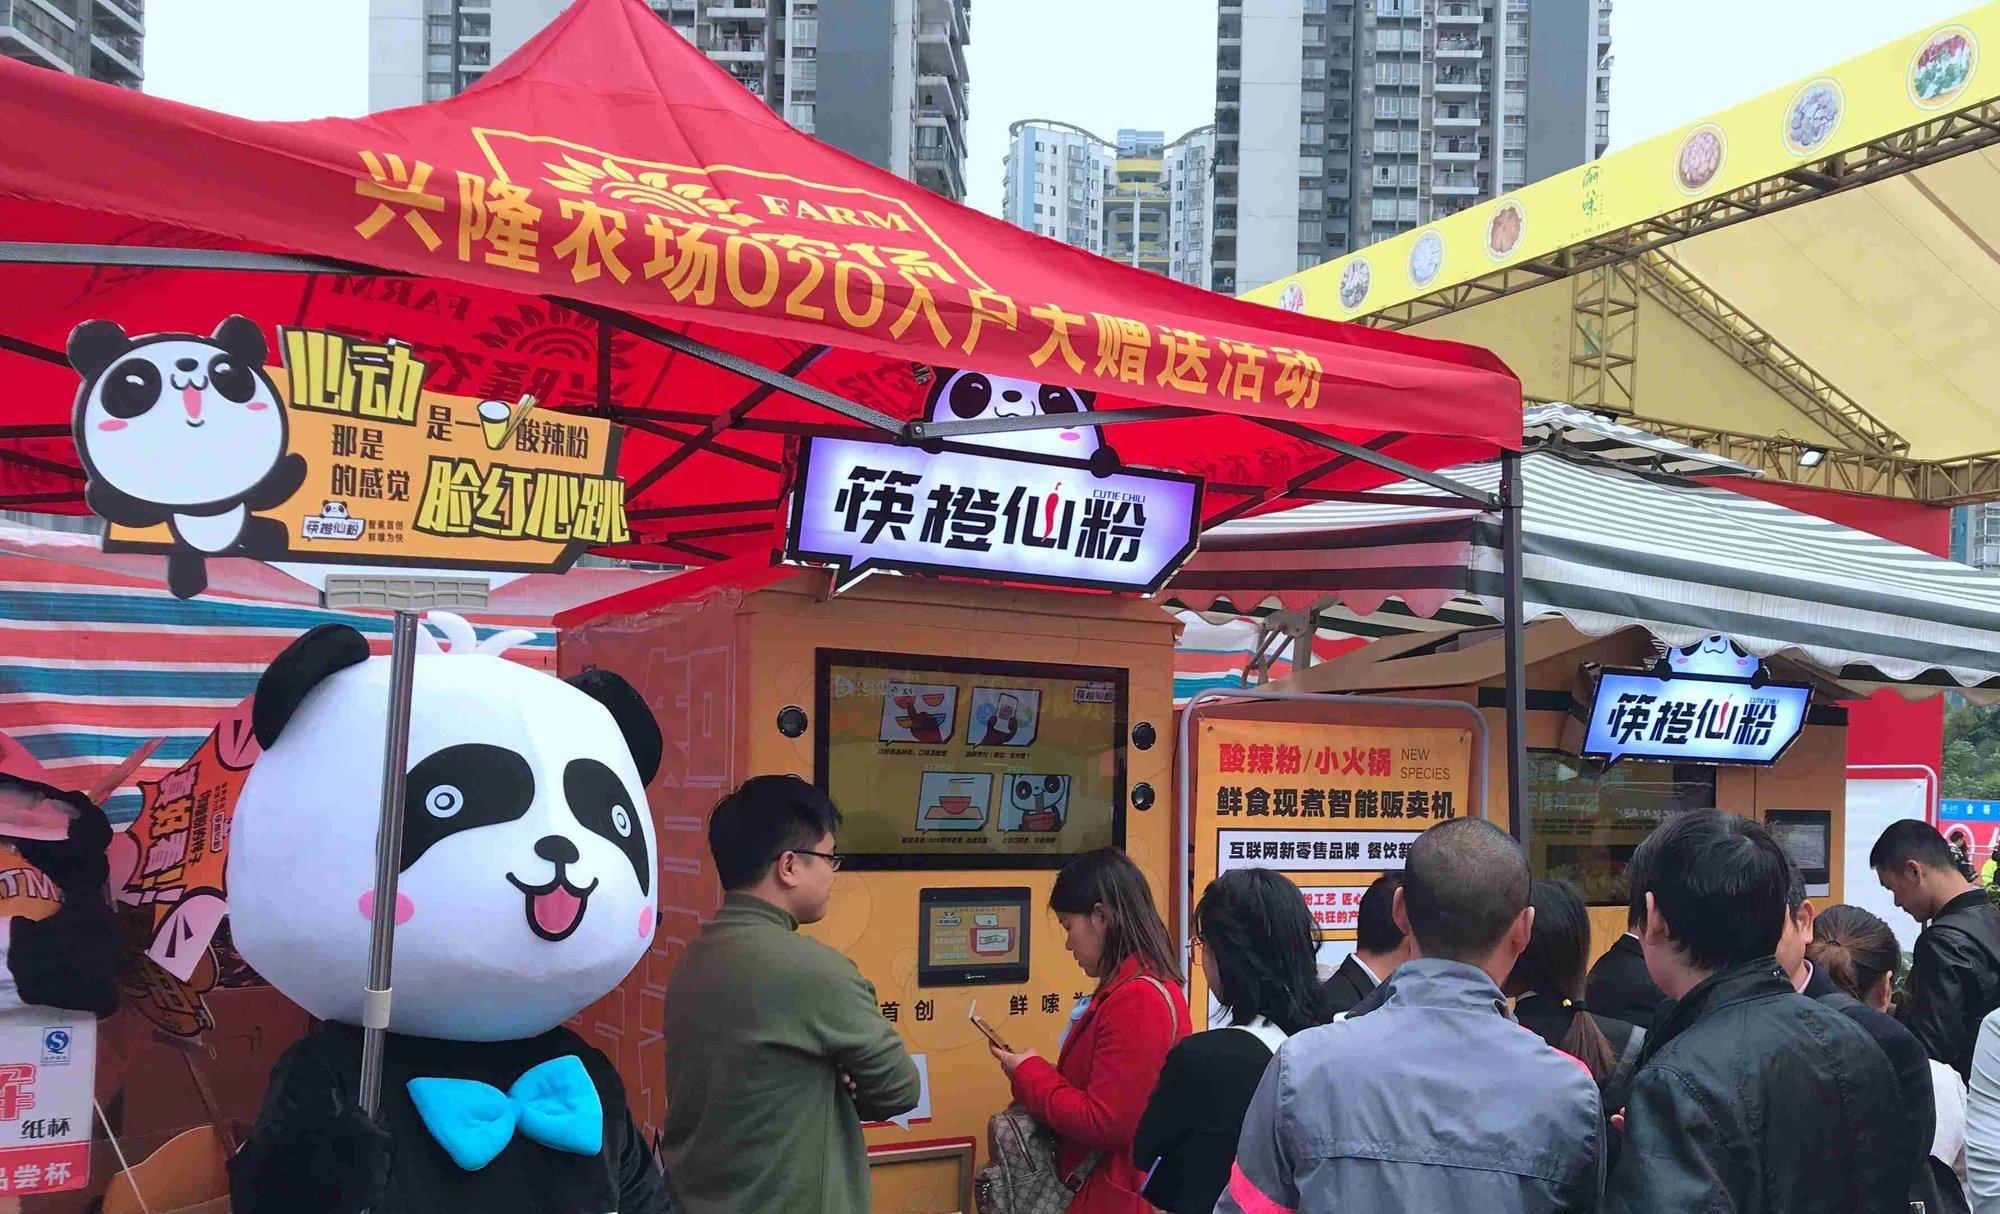 筷橙仙粉智能贩卖机火锅节首秀